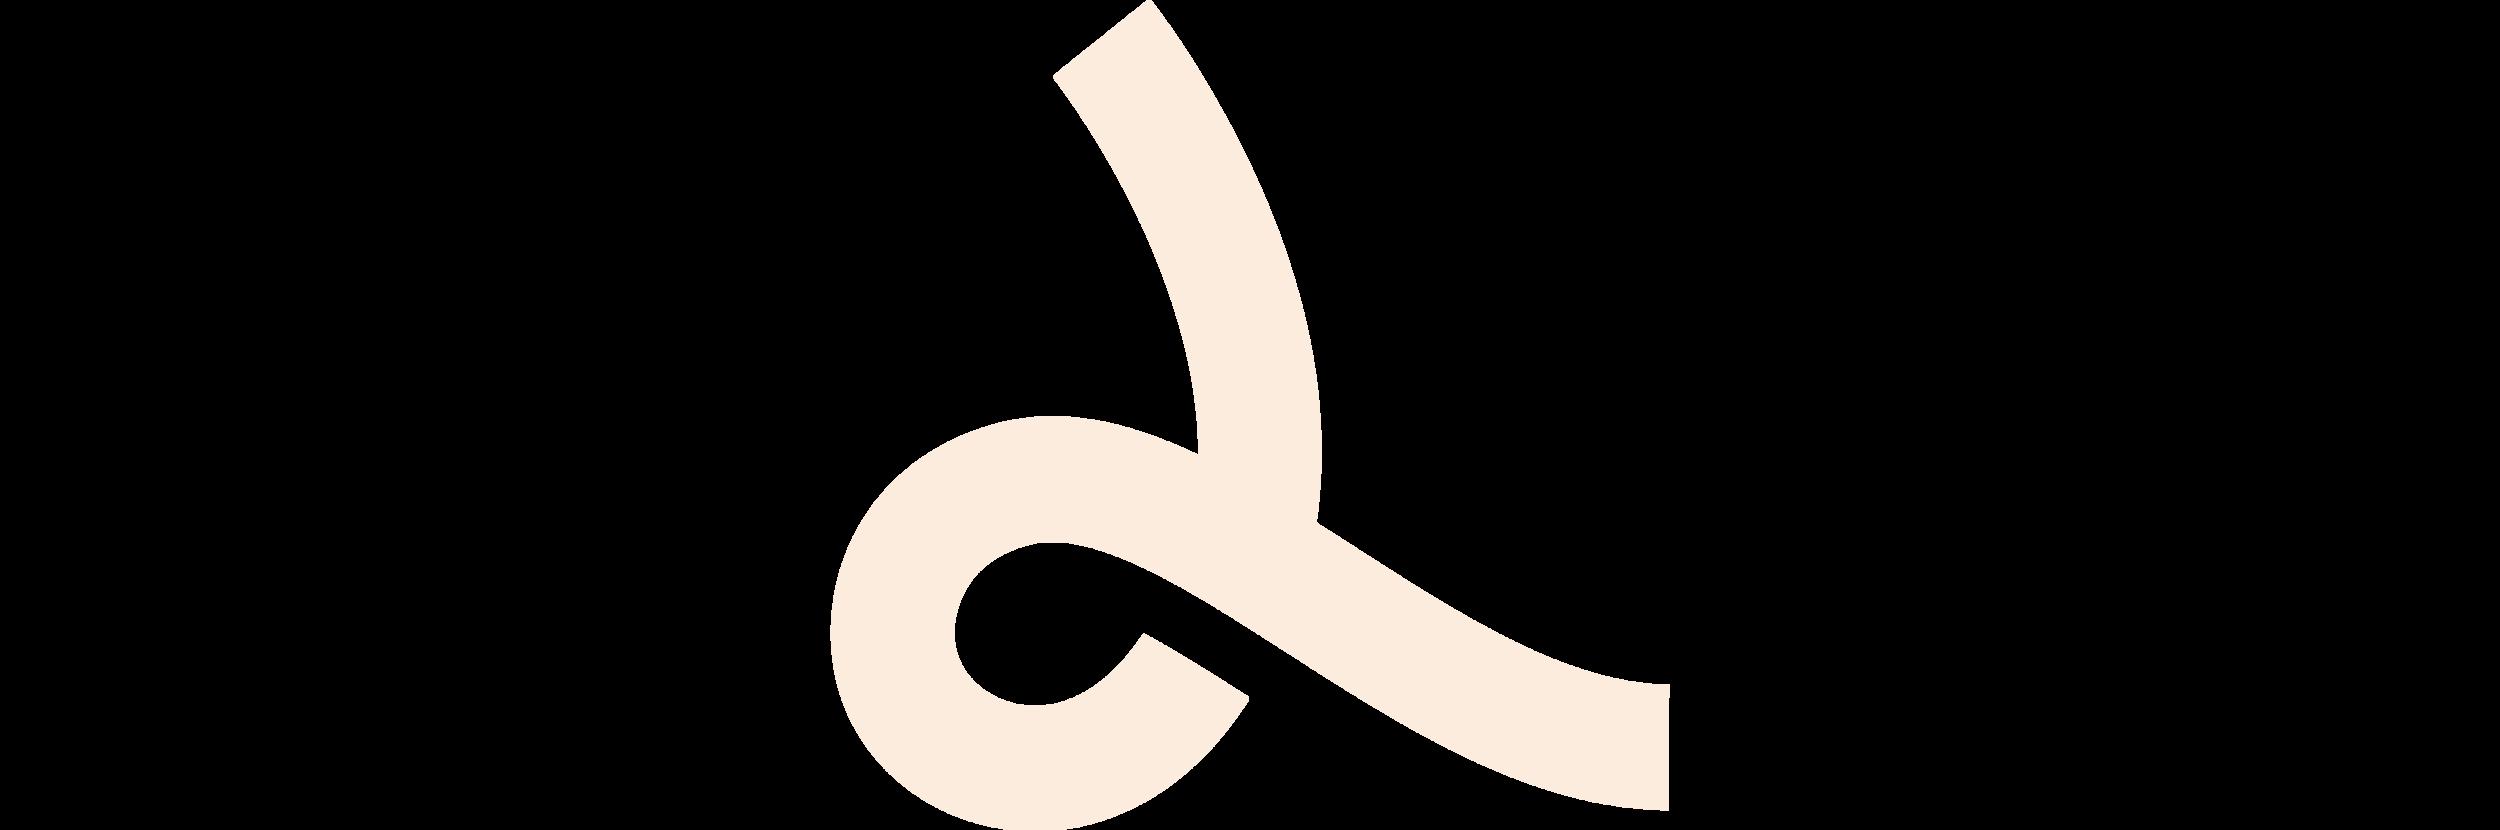 linneo_logo_beige.png